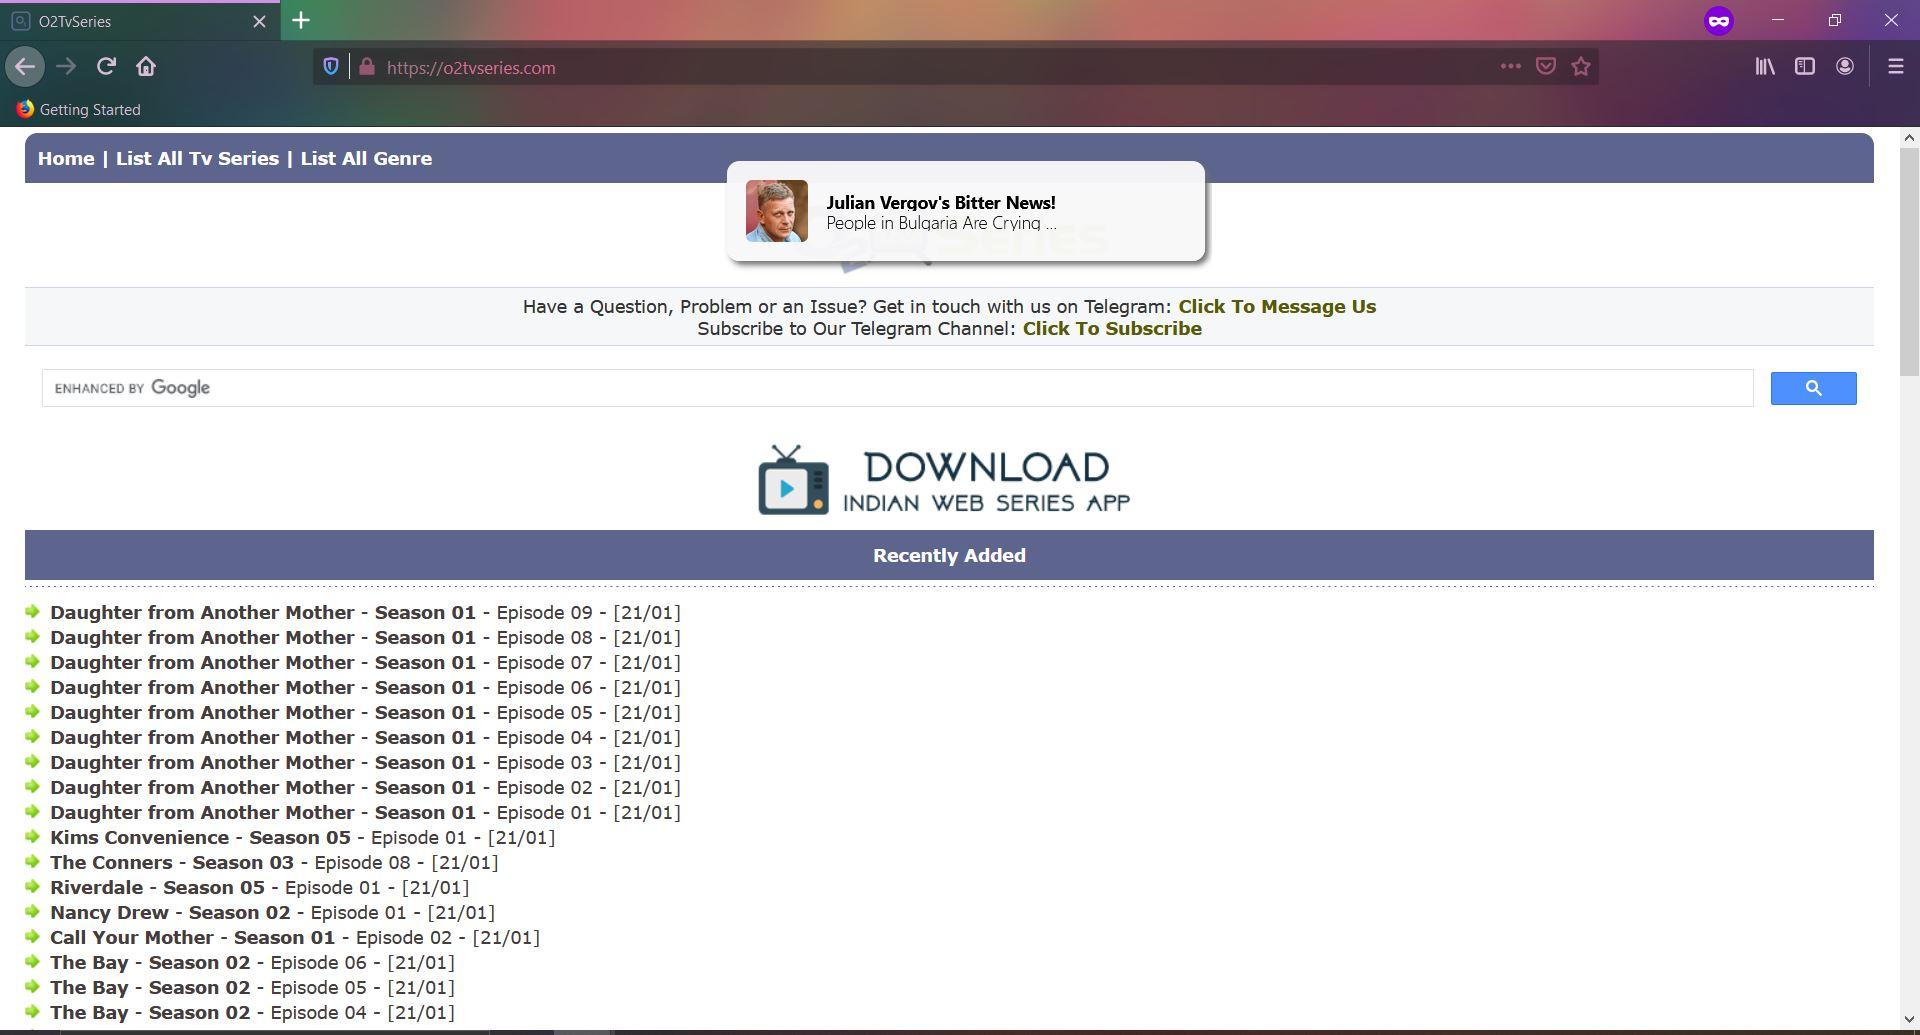 O2tvseries.com ads dangerous site